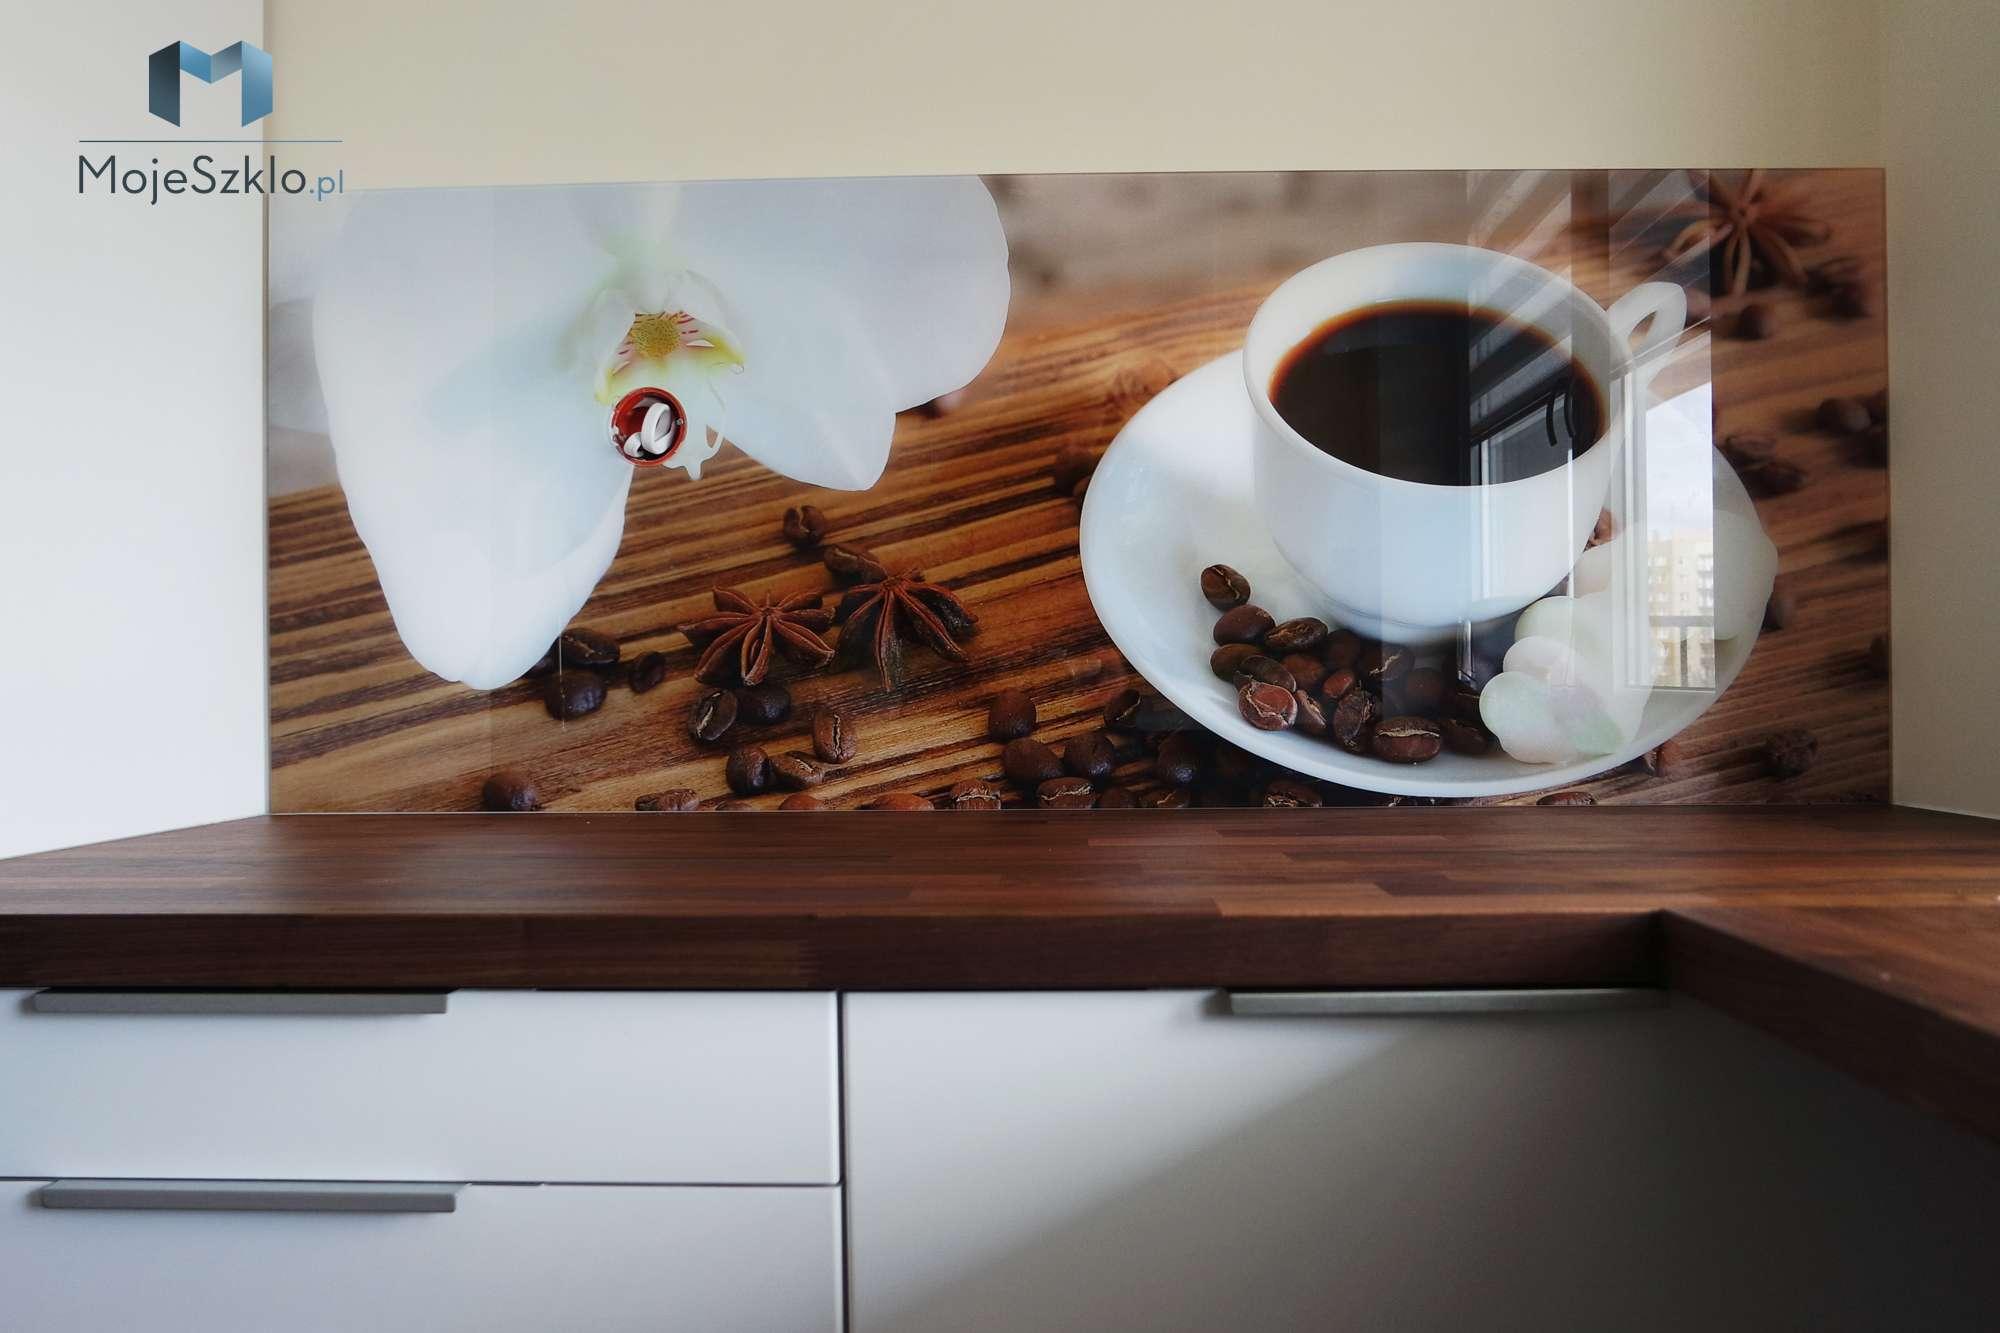 Szklo Z Grafika Filizanka Kawy - Panele szklane do kuchni - wzory i tekstury